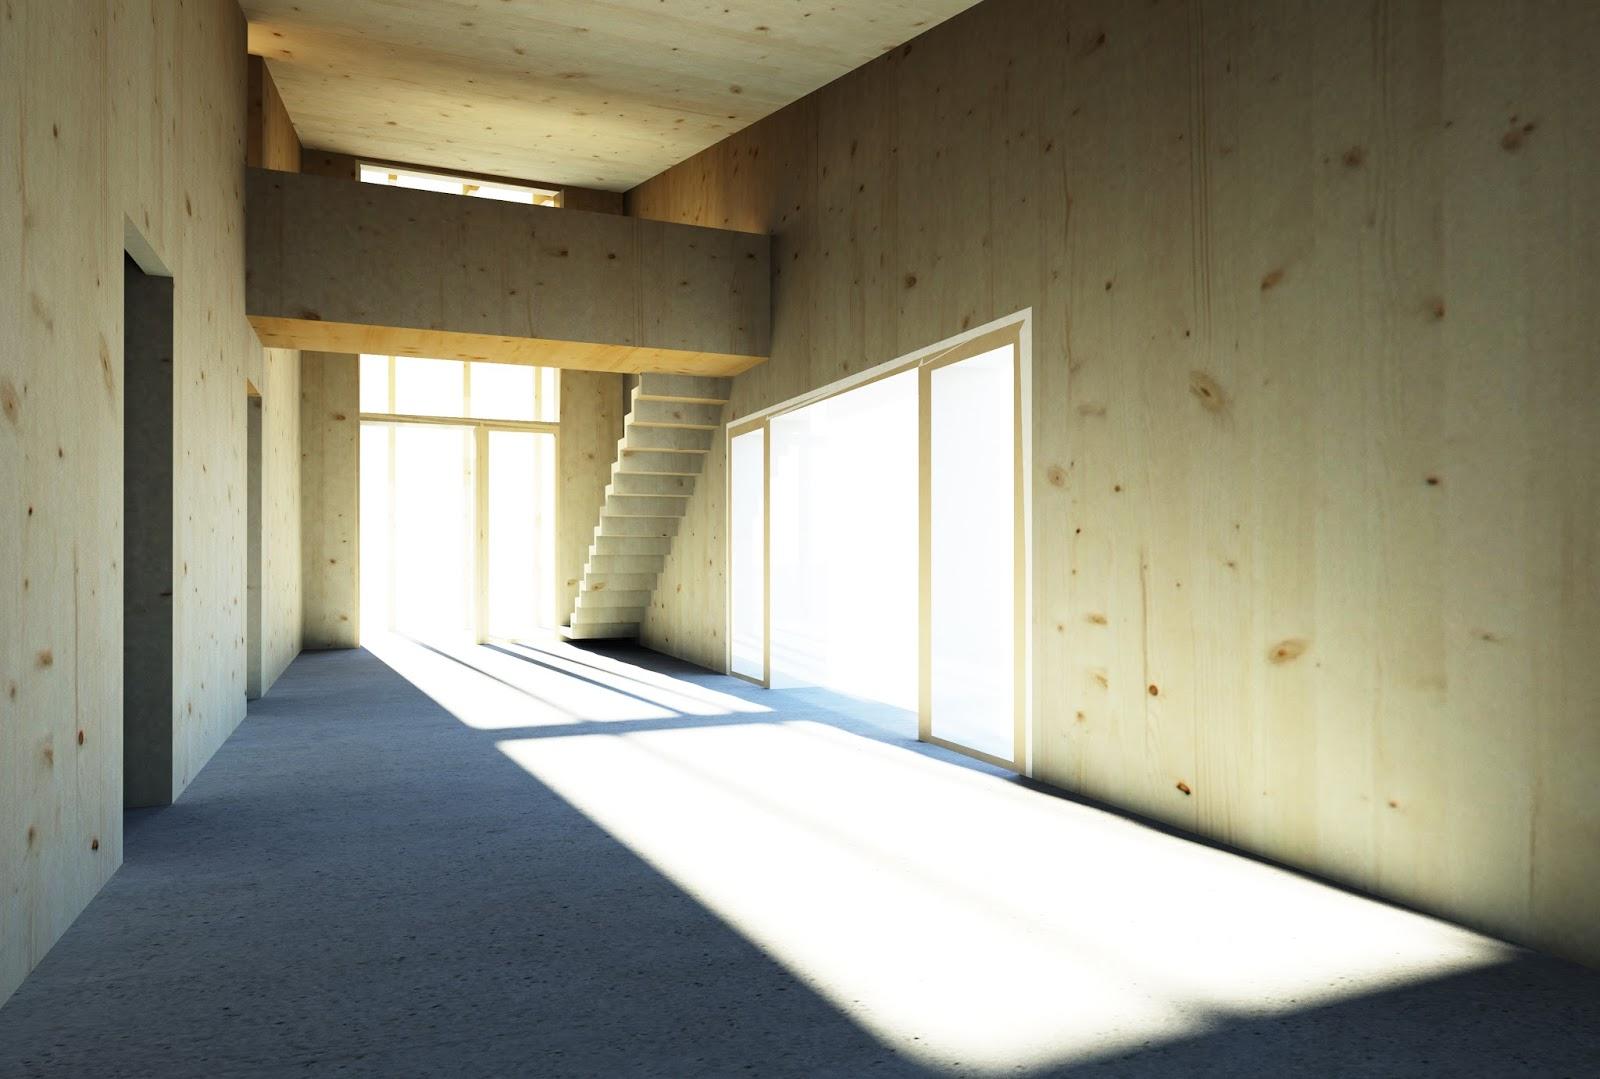 Che permessi servono per costruire una casa in legno - Costruire una casa di legno ...